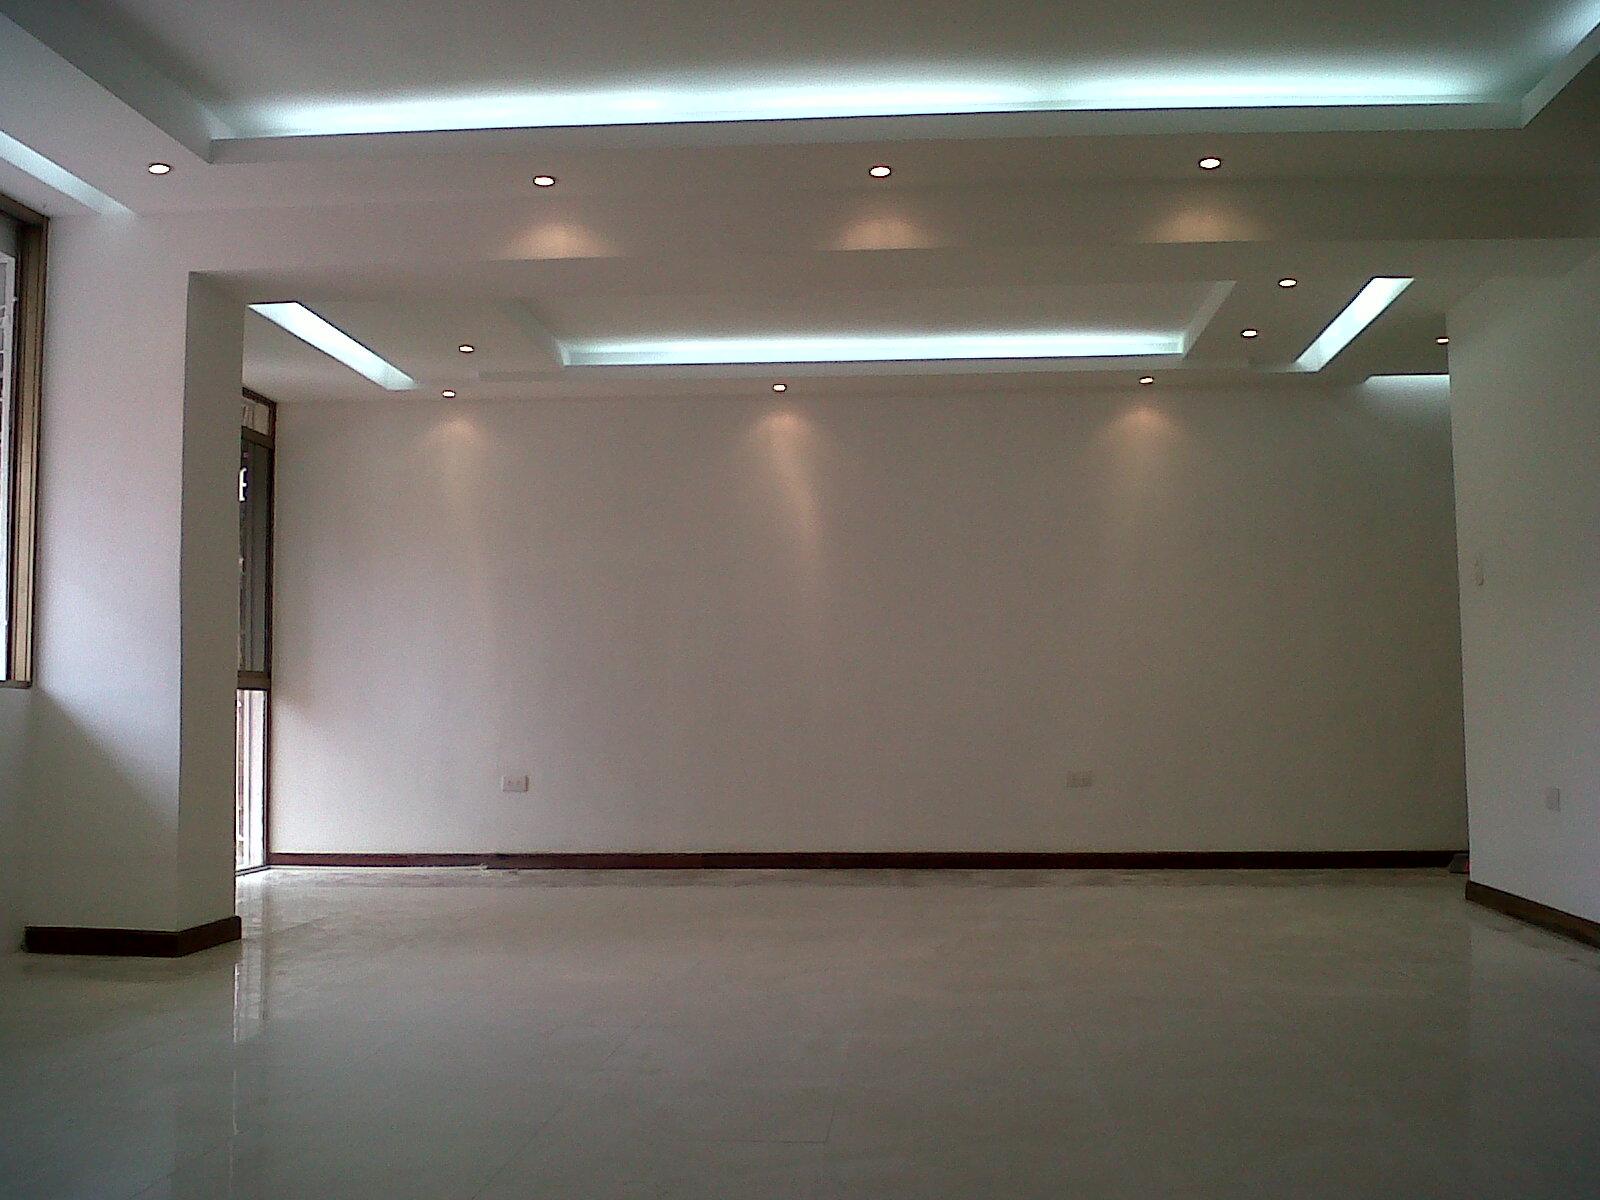 Renovando tu apartamento con el diseo de techos e